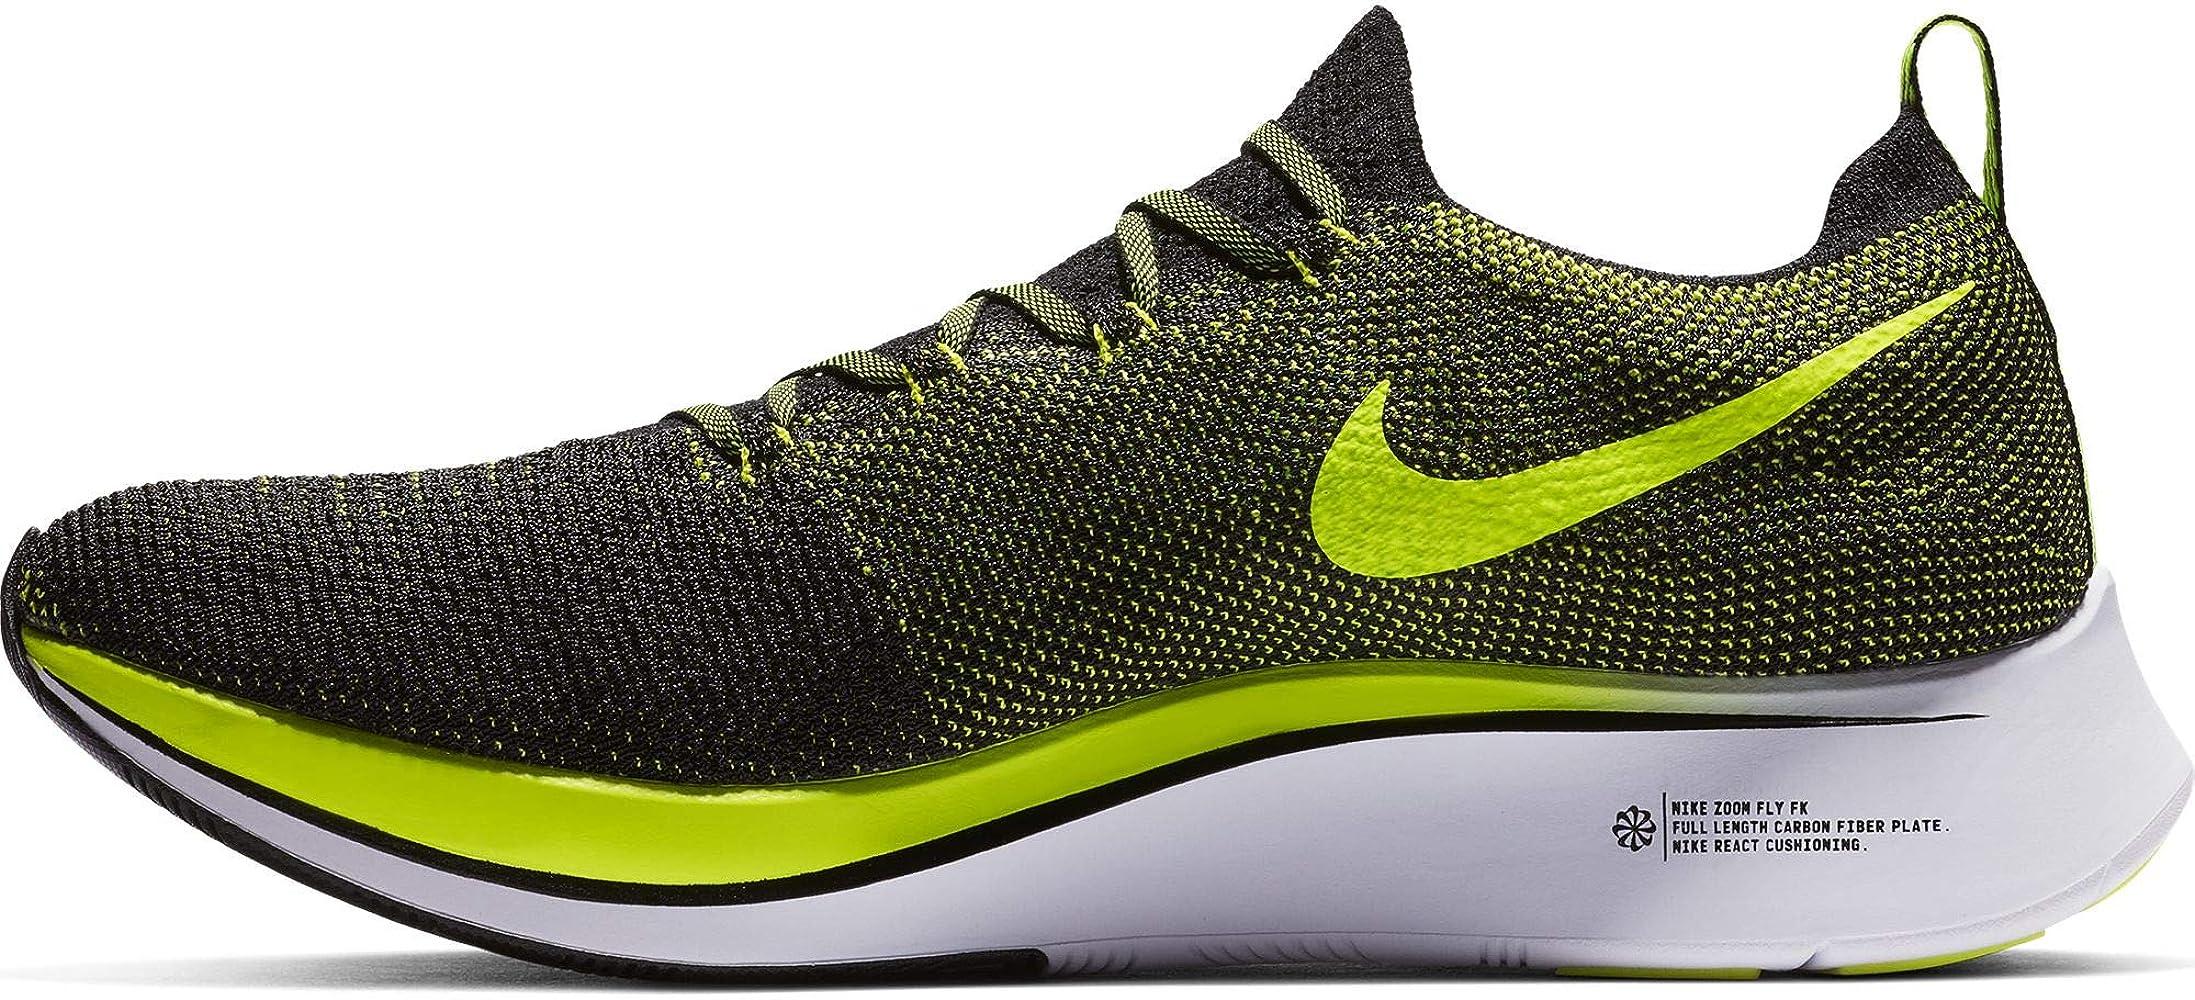 Amazon.com: Nike Zoom Fly Flyknit Men's